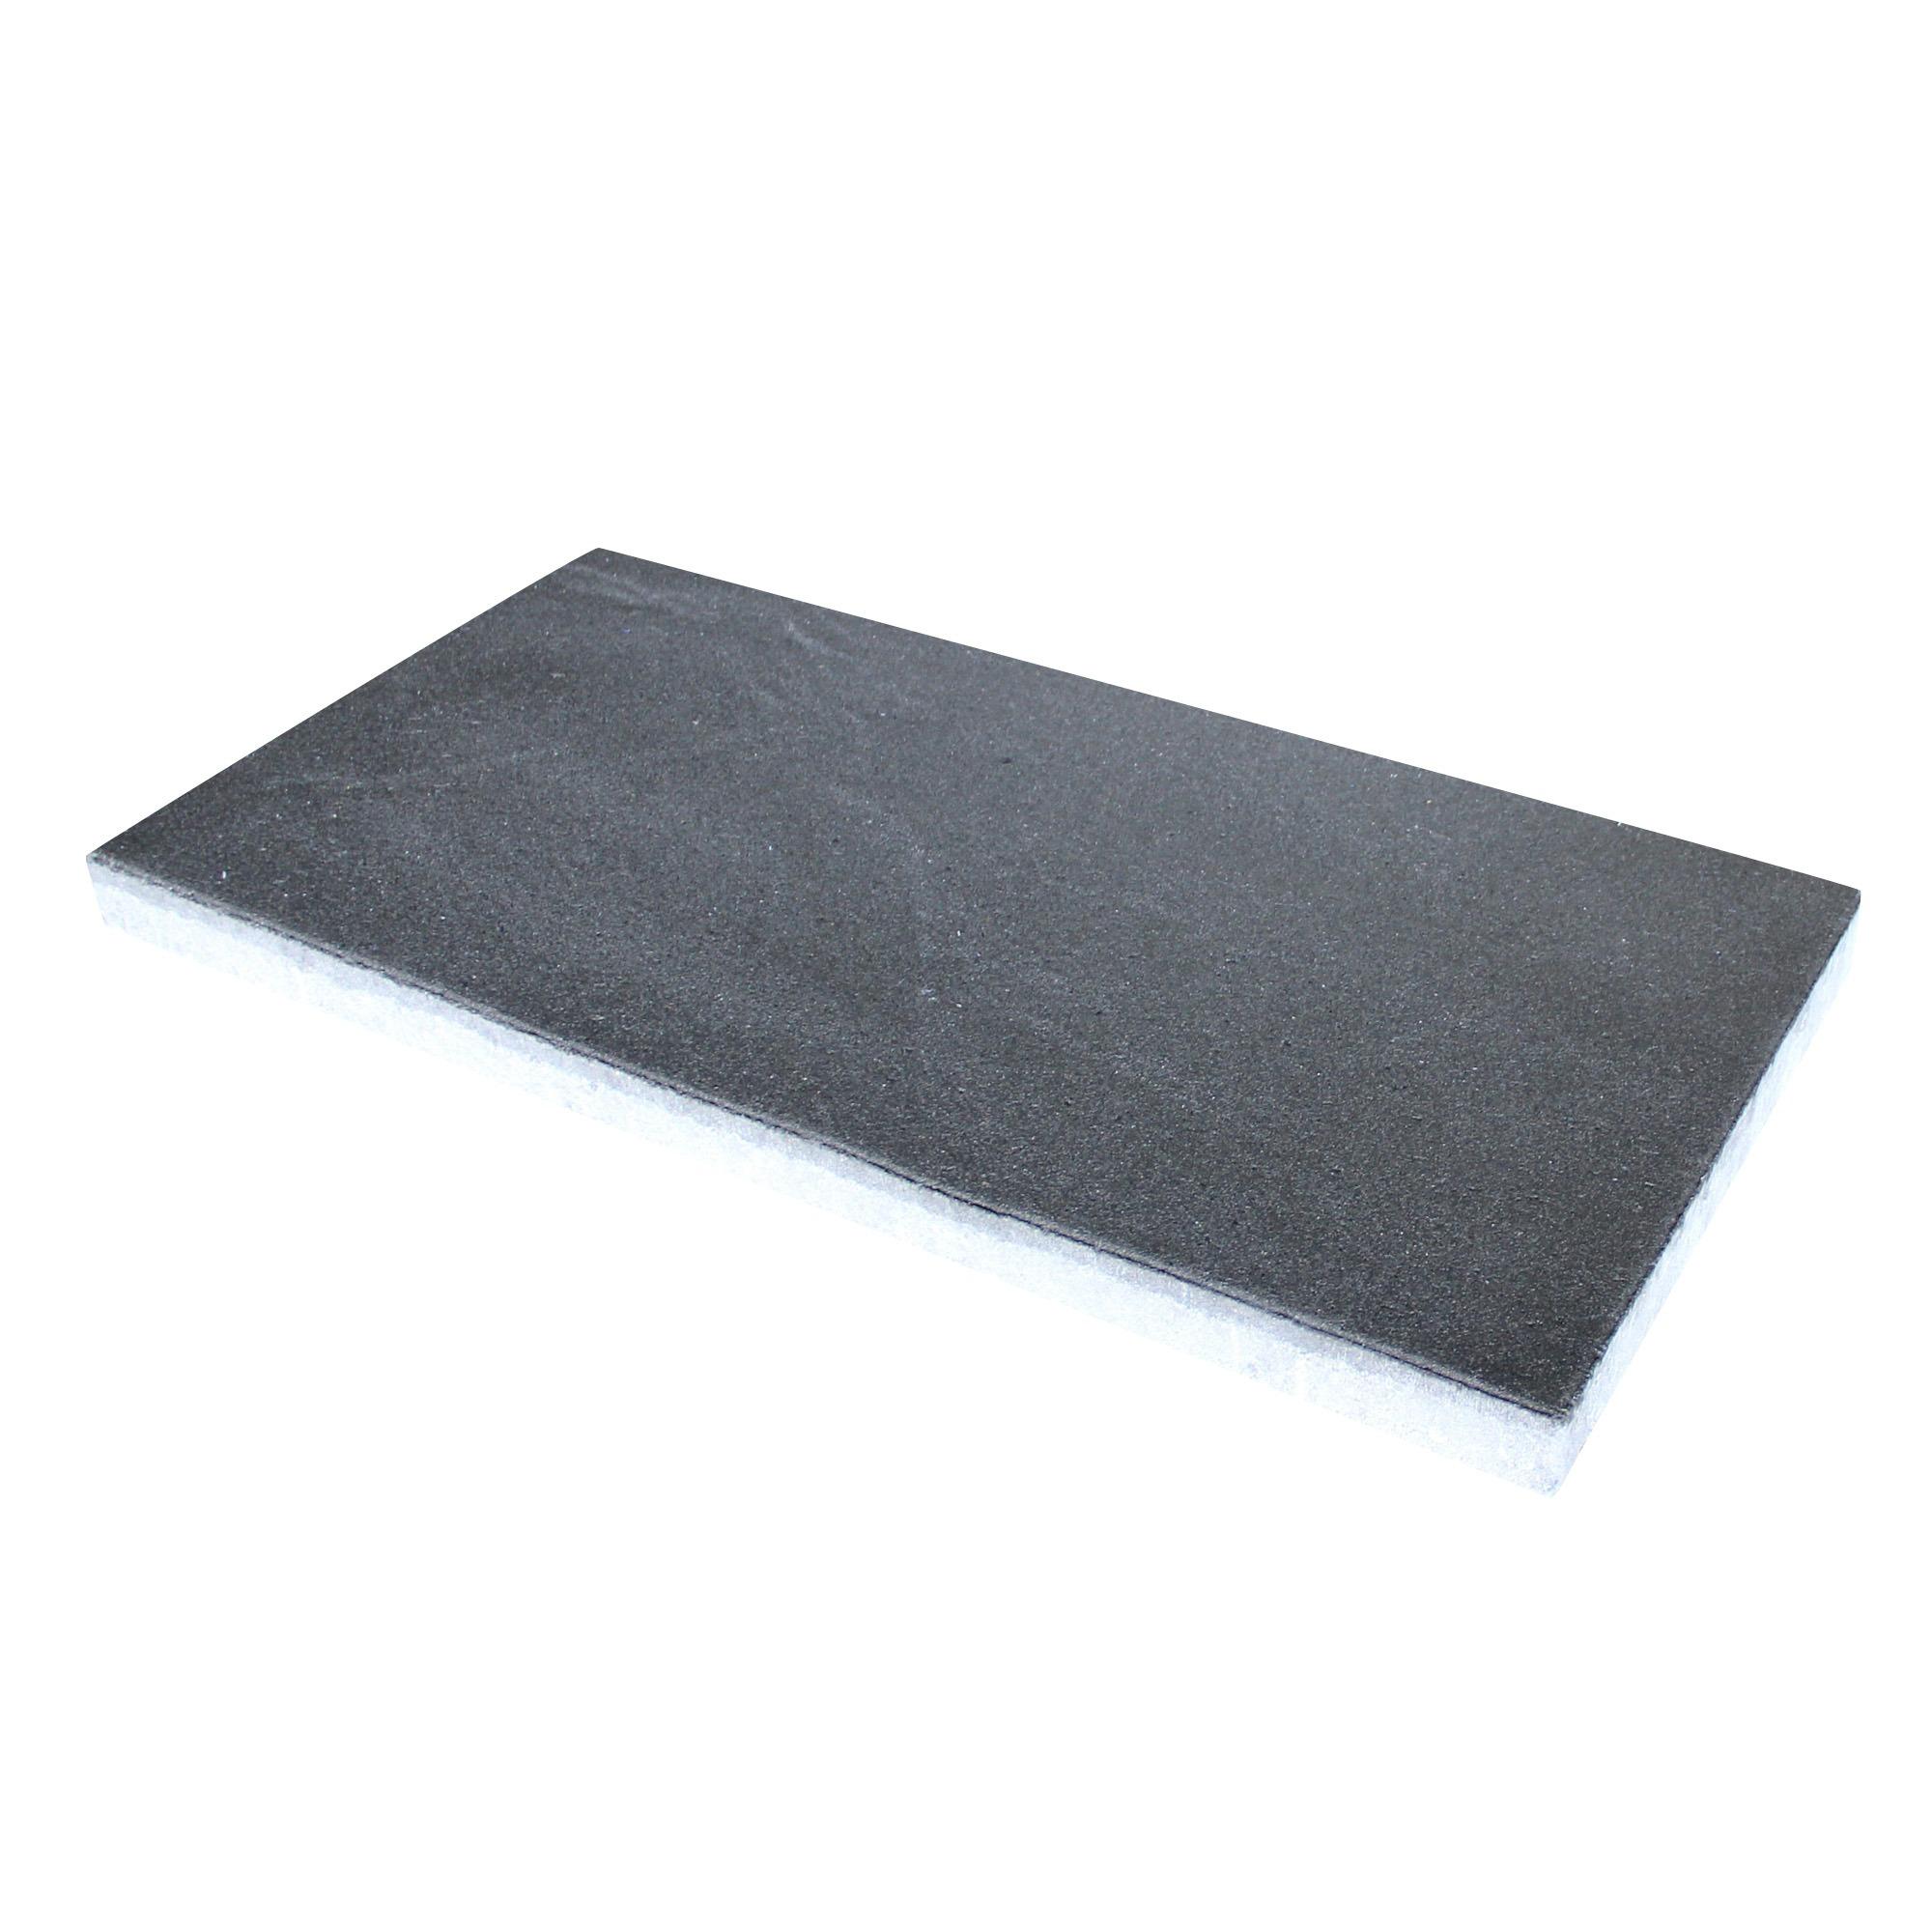 Terrastegel Beton Ardechio Antraciet 60x30 cm - 36 Tegels - 6,48 m2